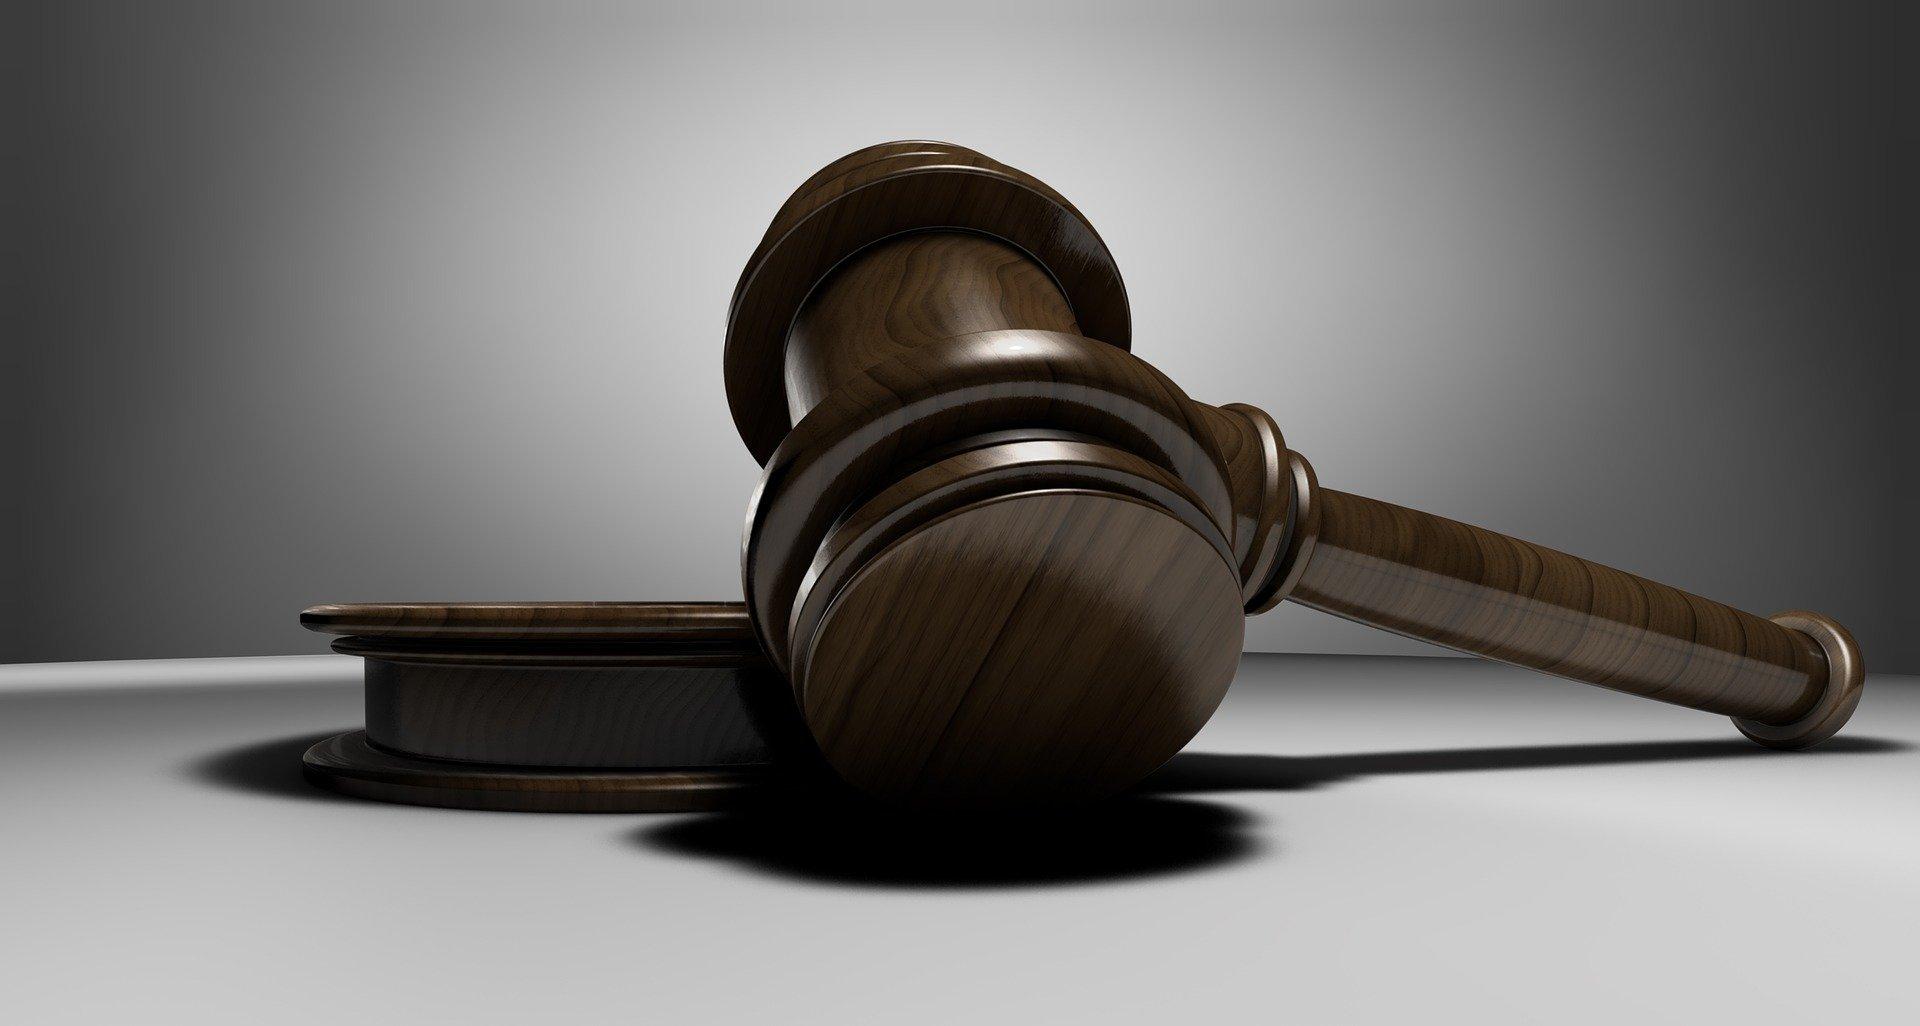 judge-3665164-1920